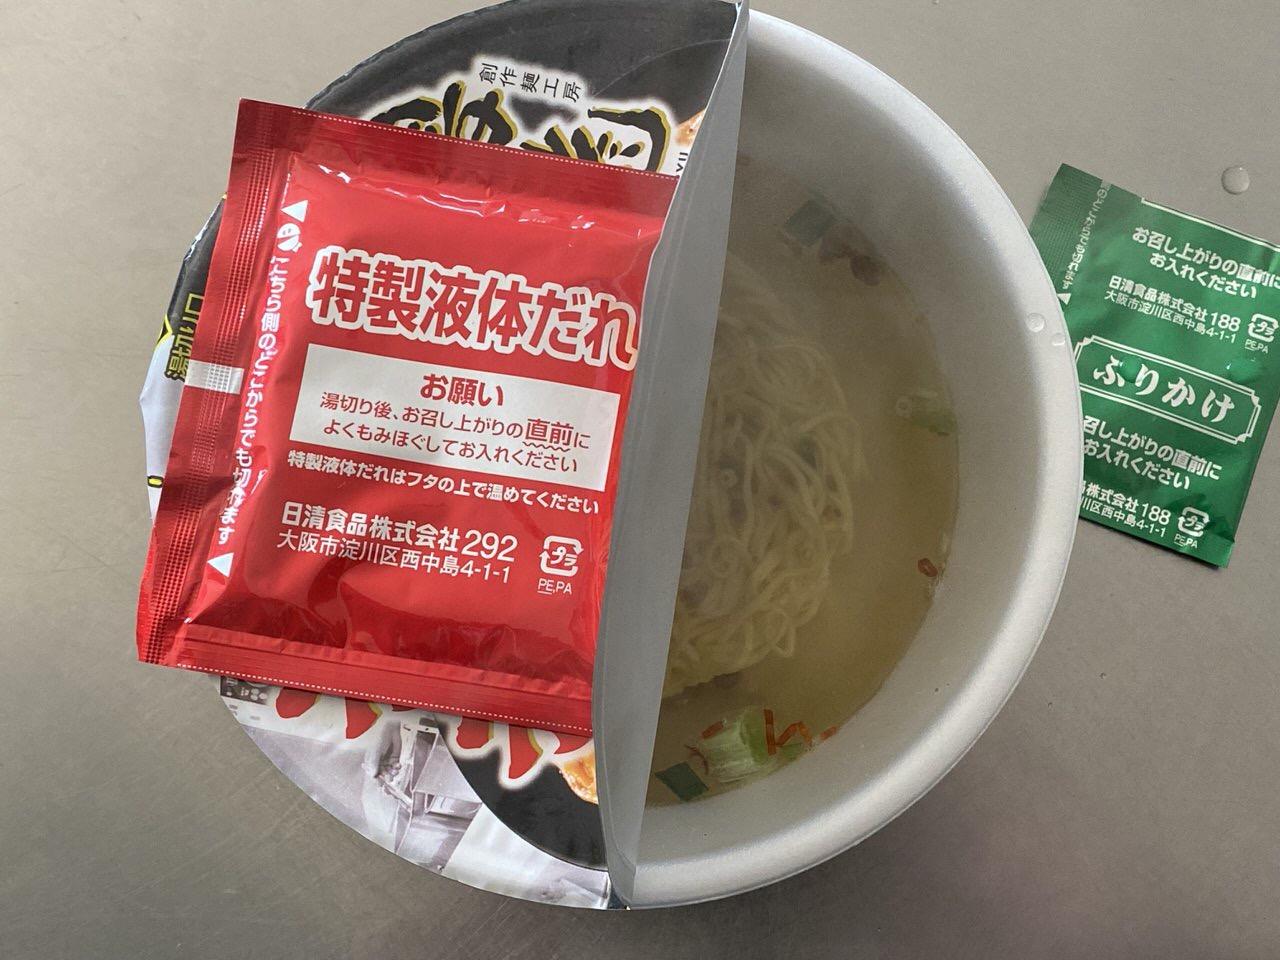 【セブンイレブン】「鳴龍 汁なし担担麺」2